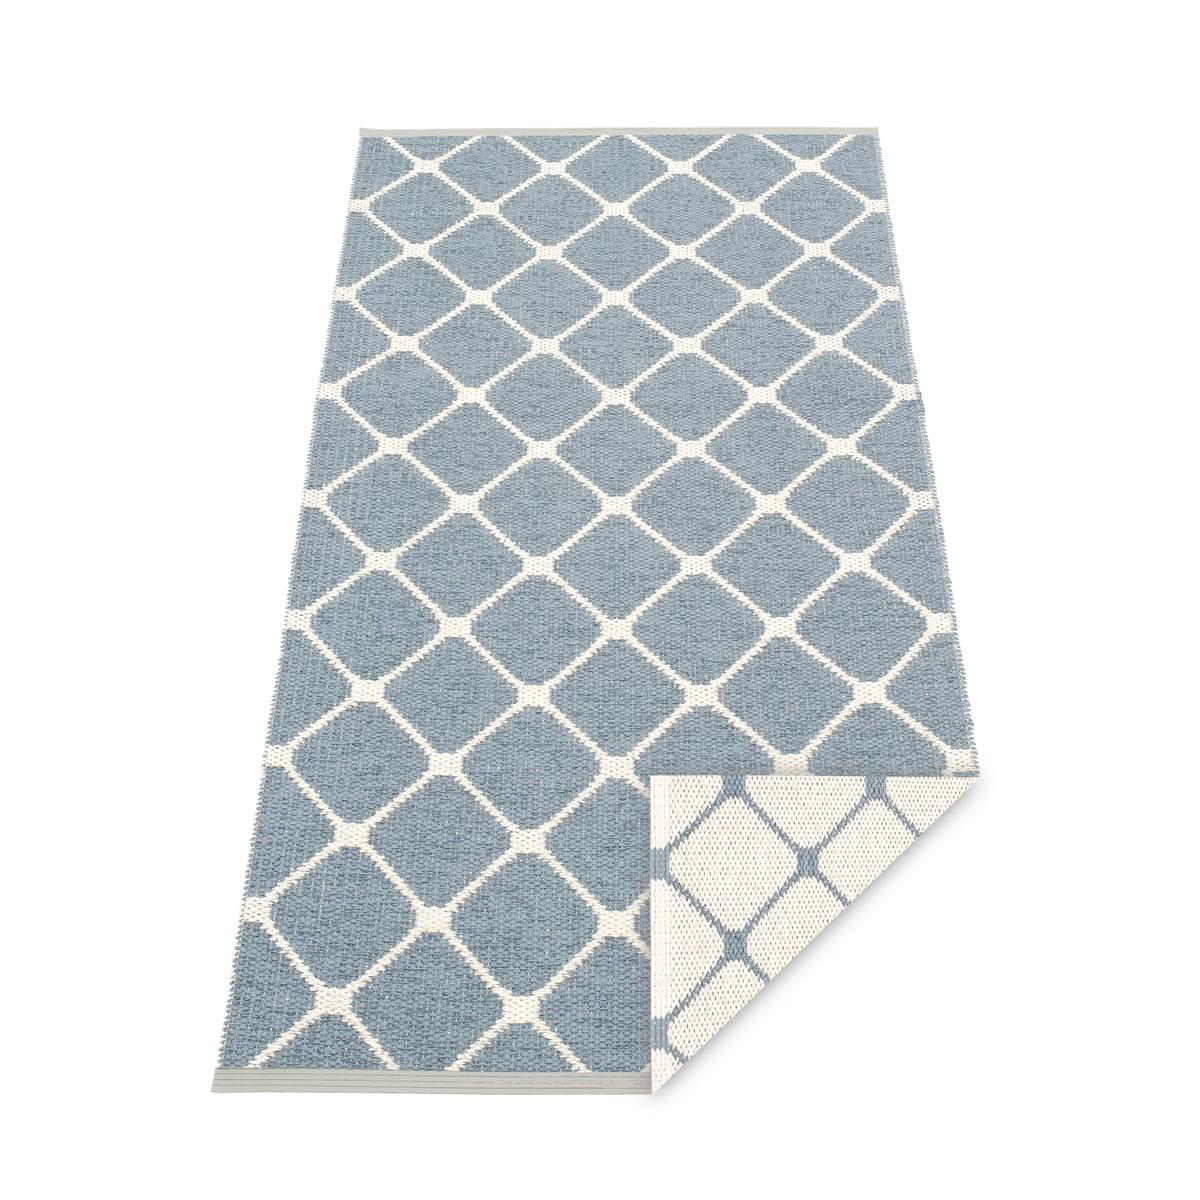 c280f1084a49 Pappelina - Rex reversible carpet (70 cm)